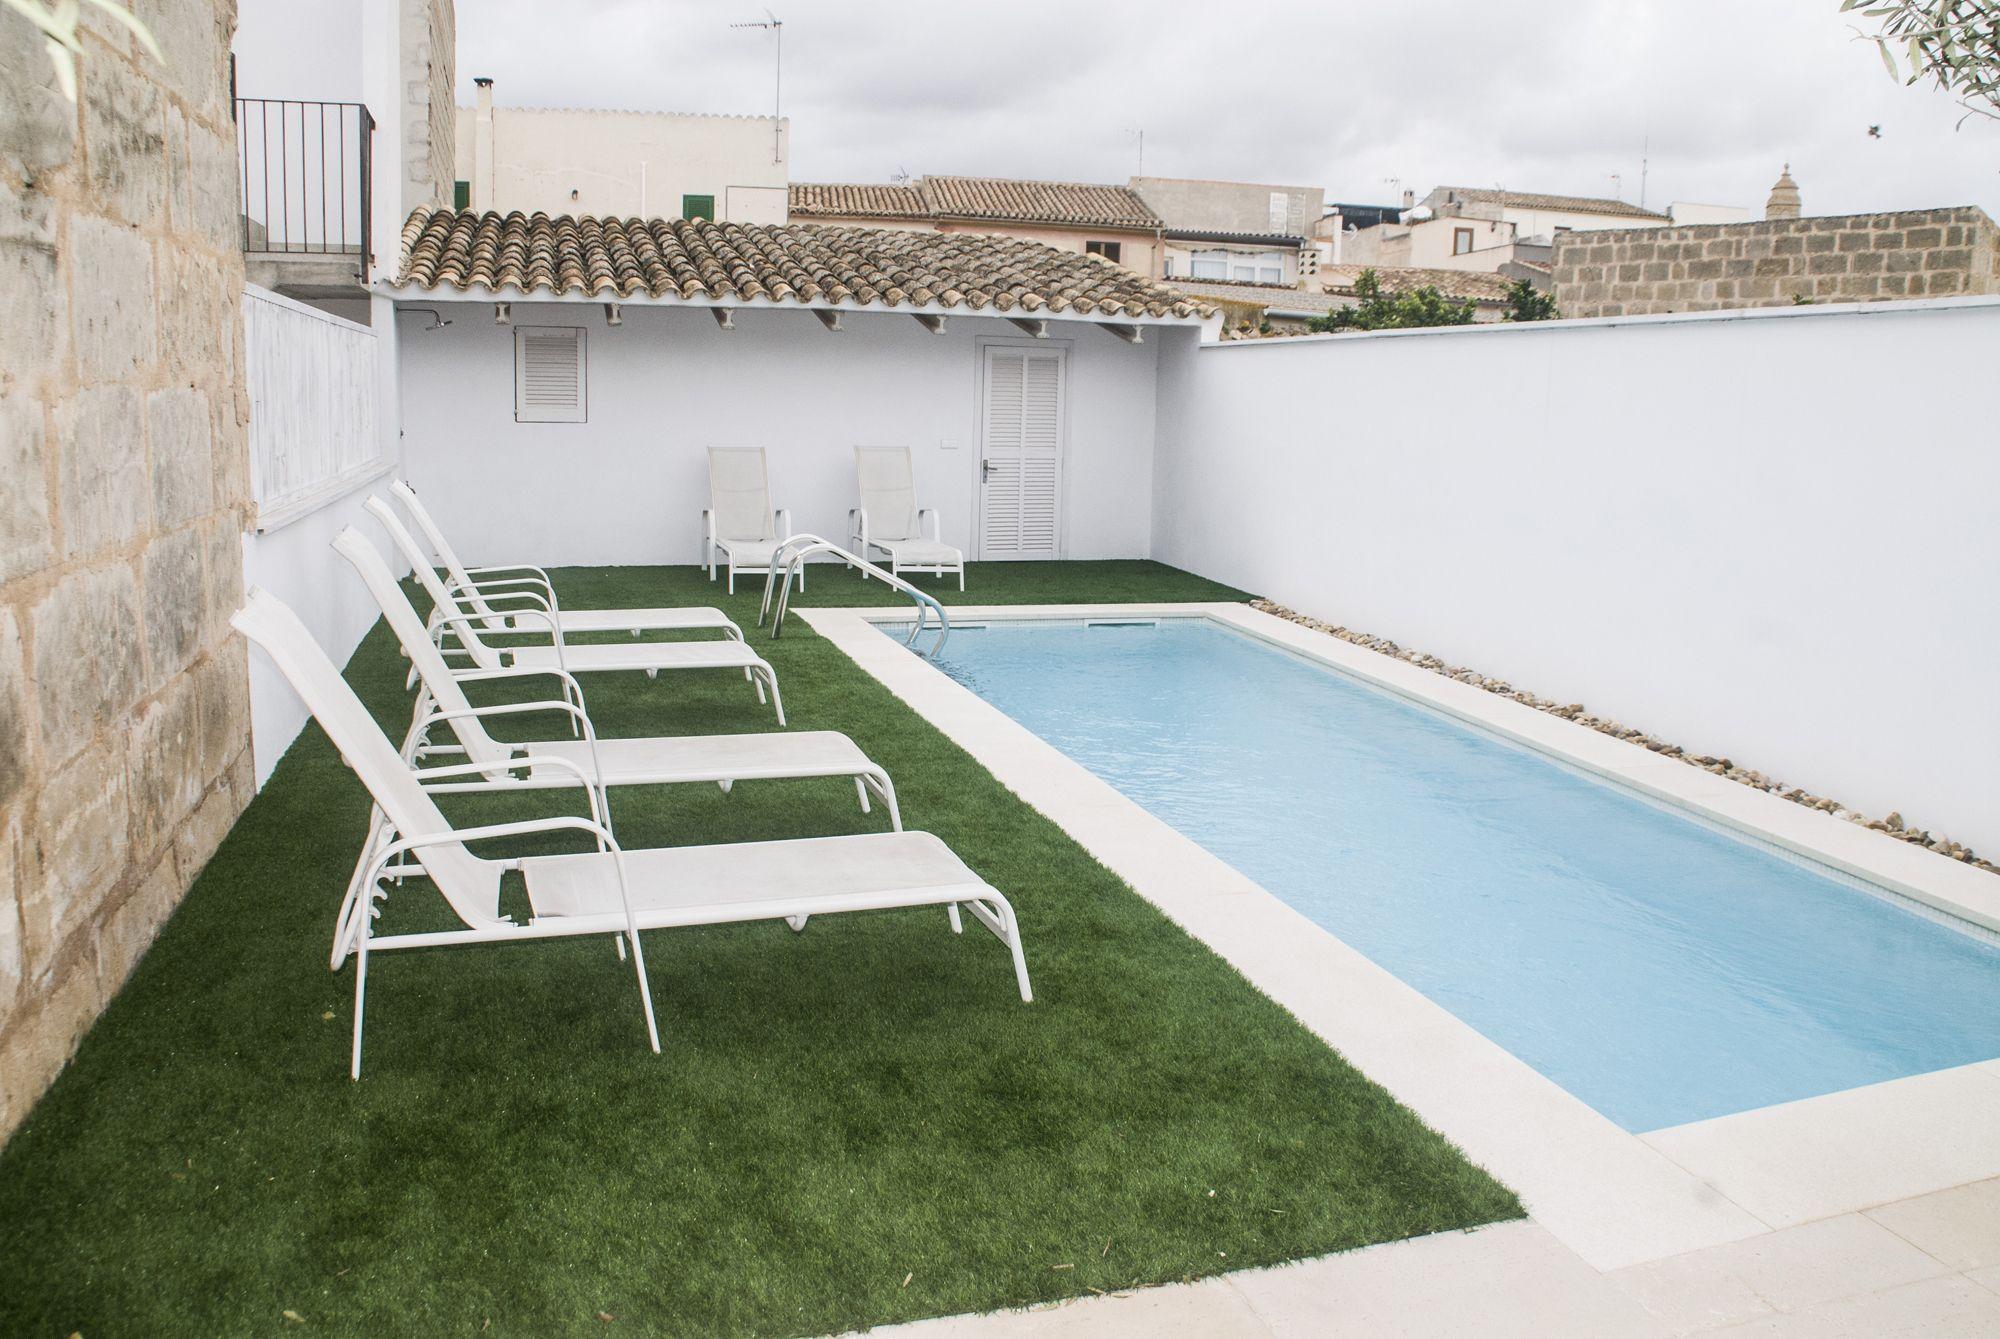 Instalación y mantenimiento de piscinas en Palma de Mallorca